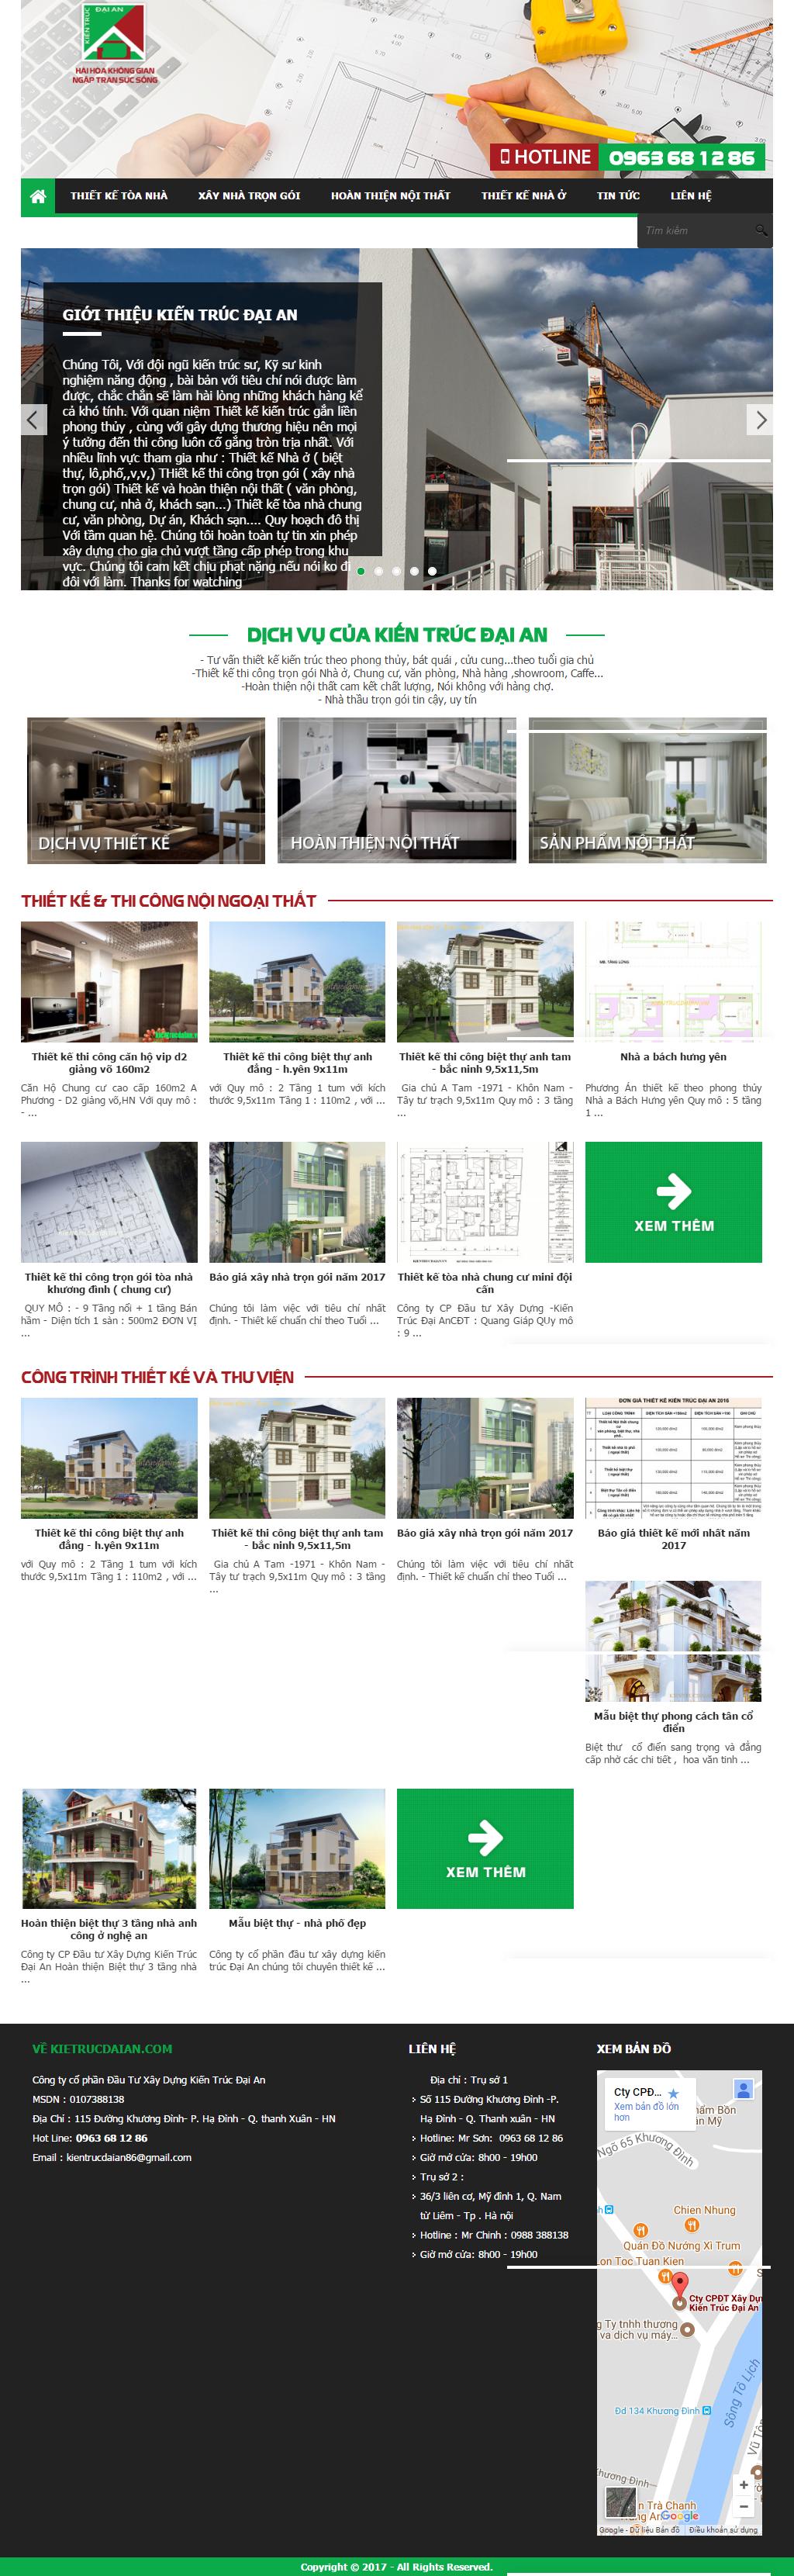 Giao diện website Bán hàng Z - 289